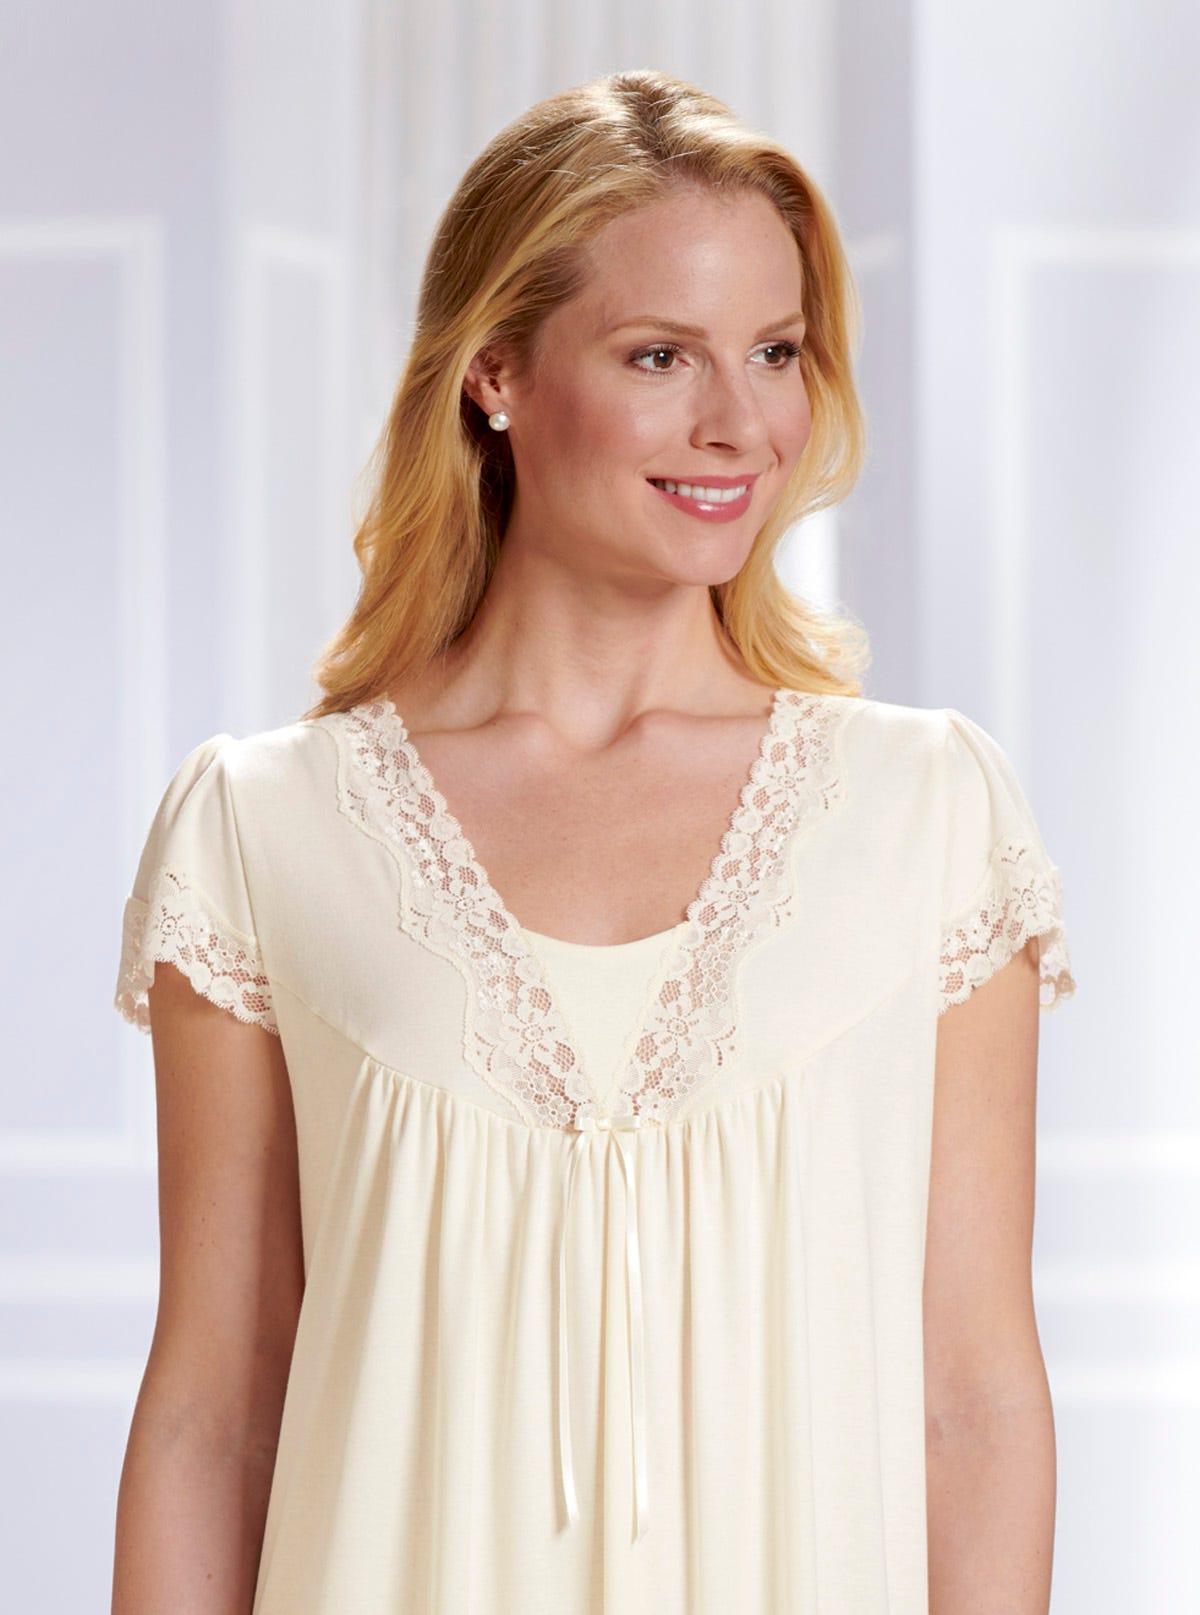 7e877be59e Soft Short Sleeve Lace Nightdress - Natural Jersey Cotton - Nightwear